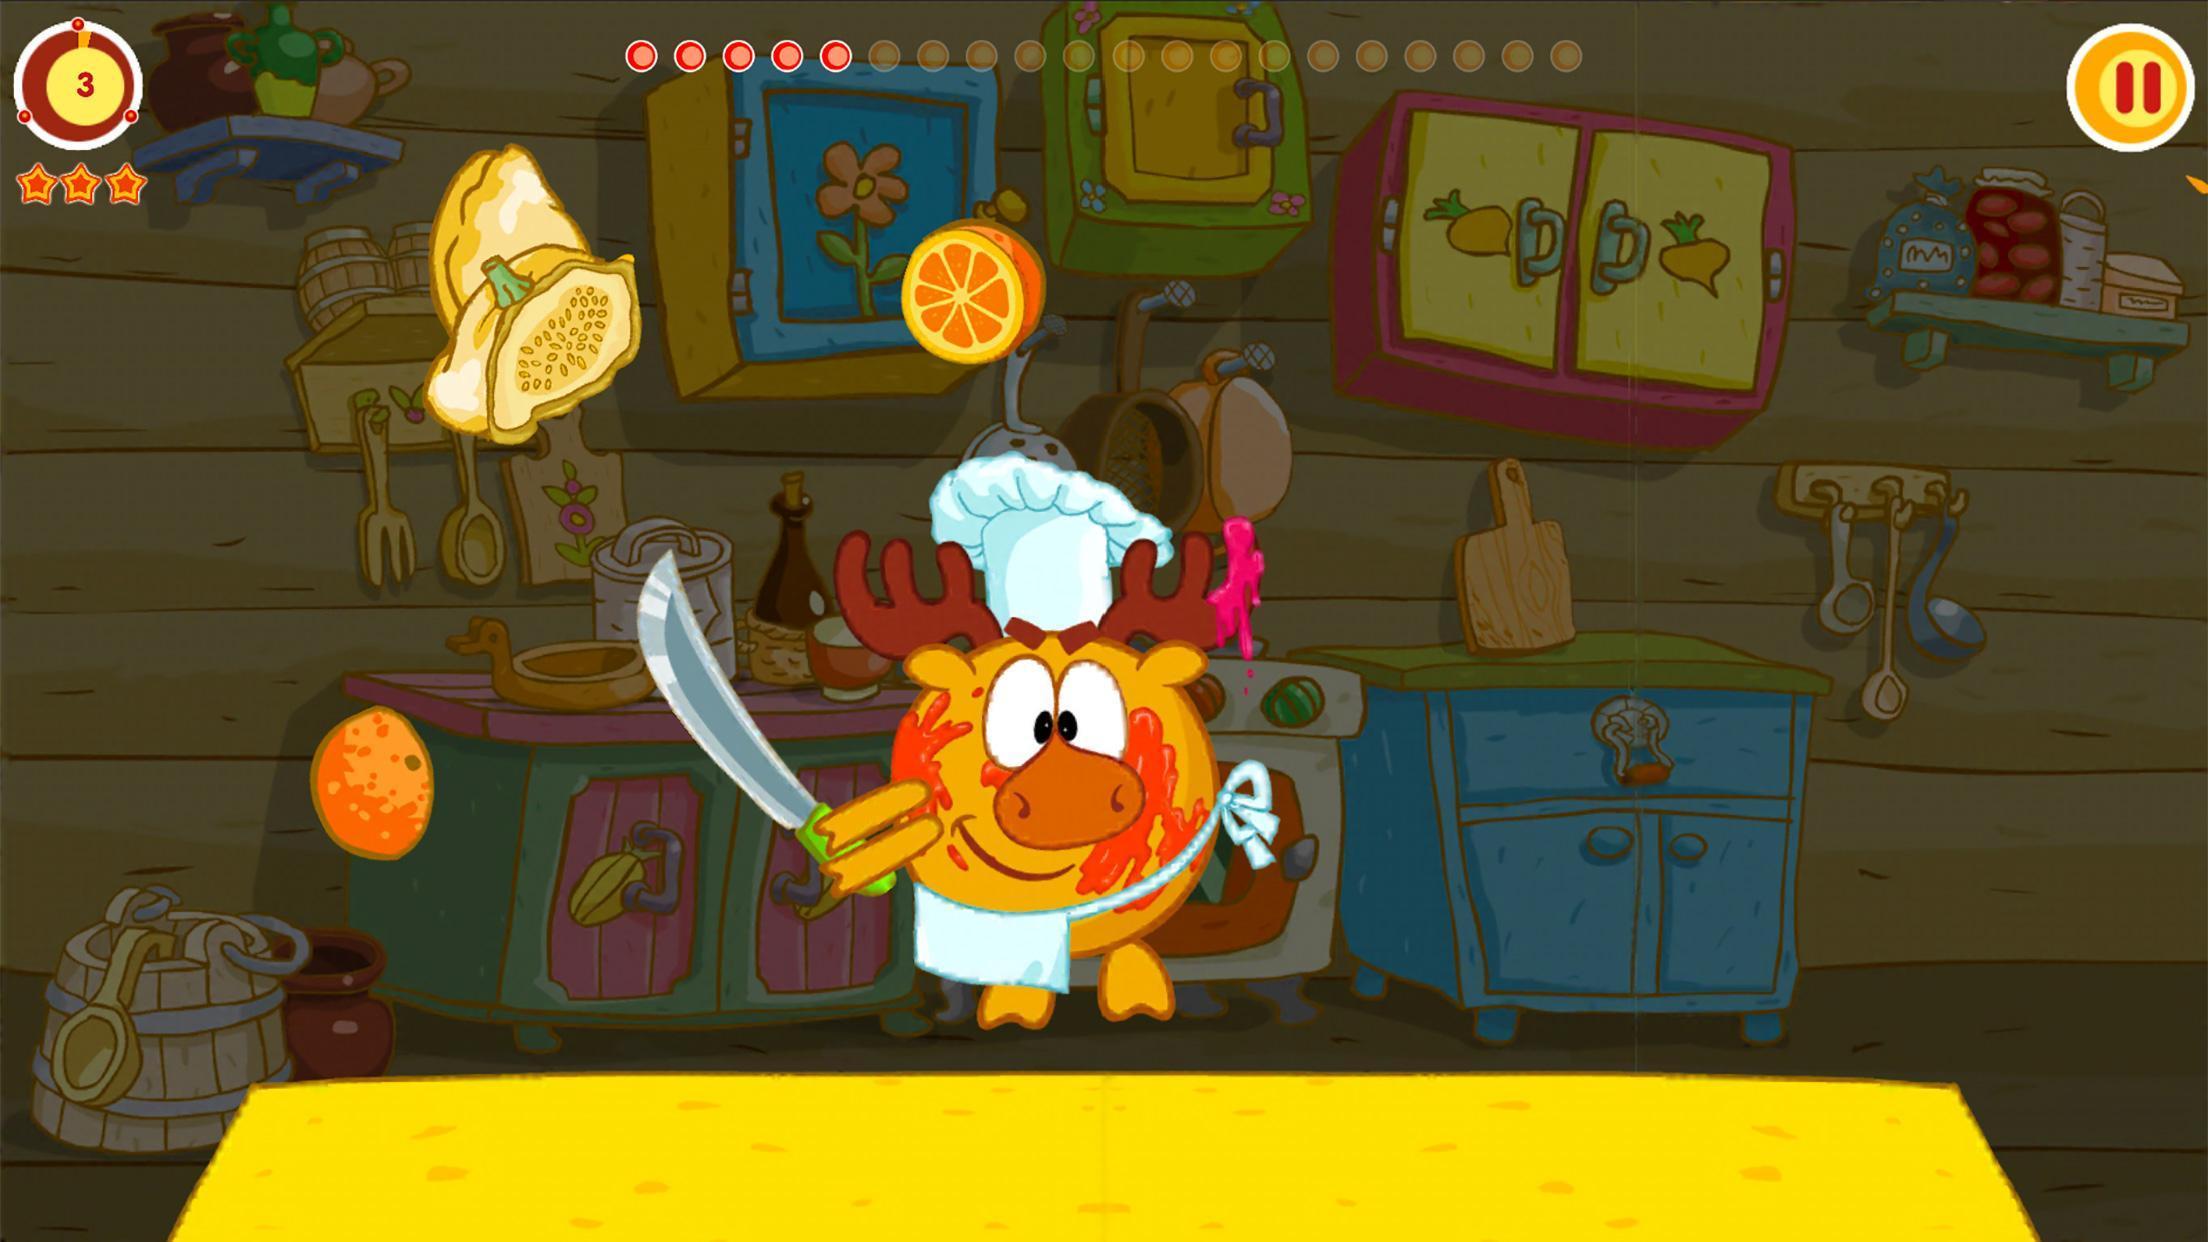 Смешарики. Кулинария 1.2.9 Screenshot 17